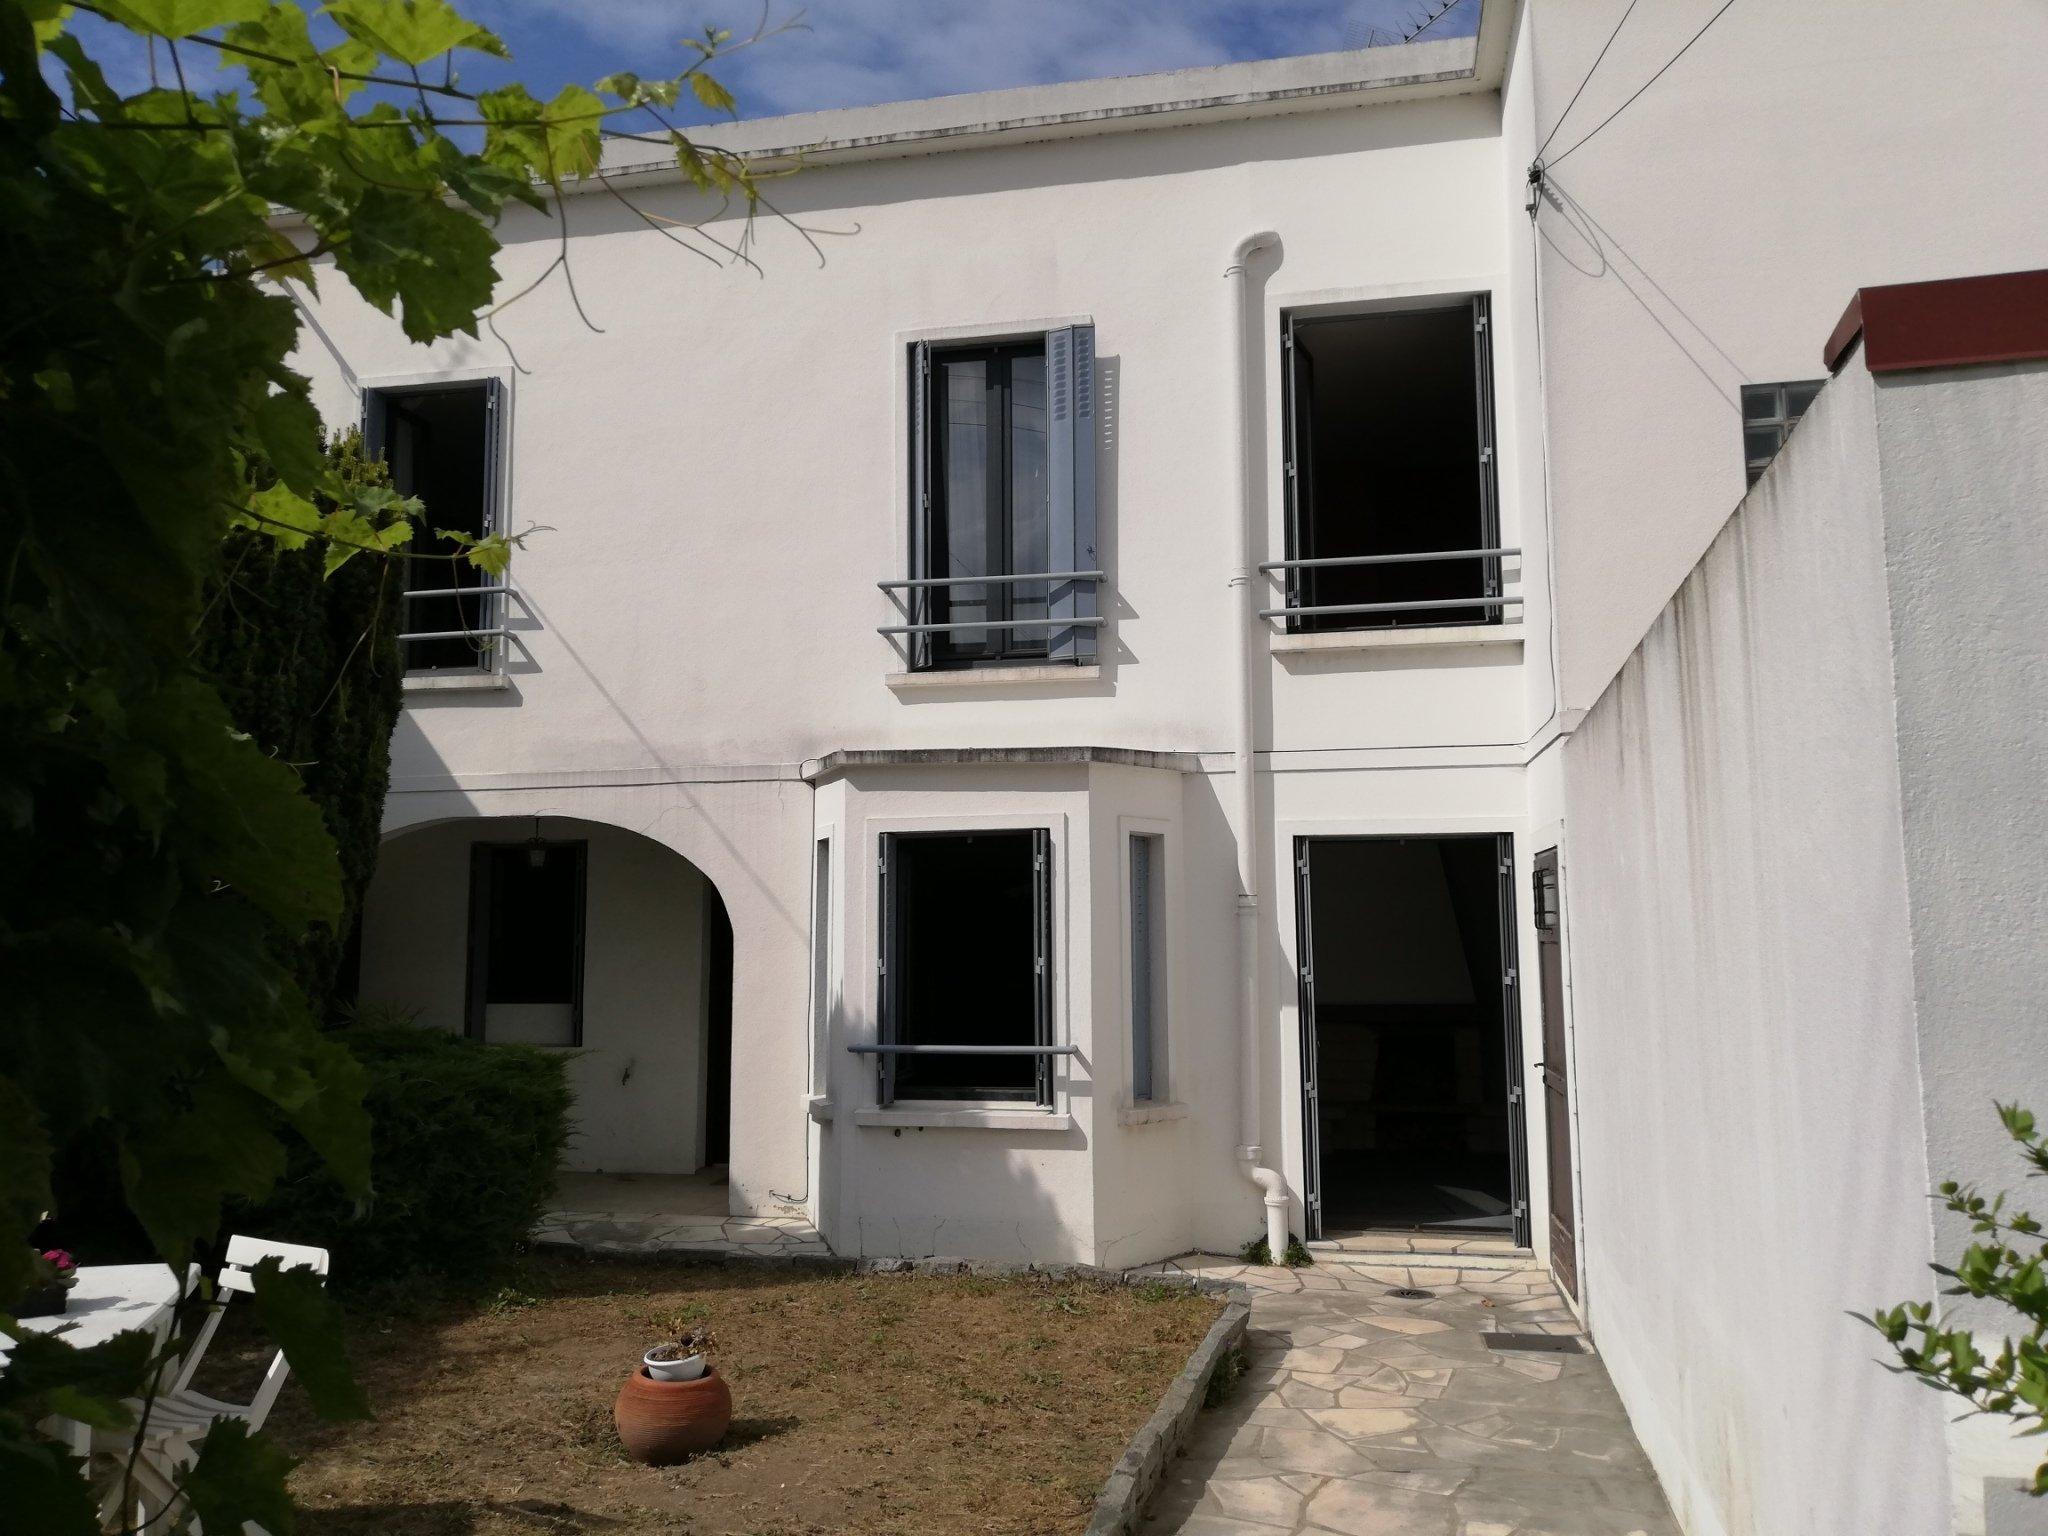 Maison a vendre houilles - 4 pièce(s) - 85 m2 - Surfyn